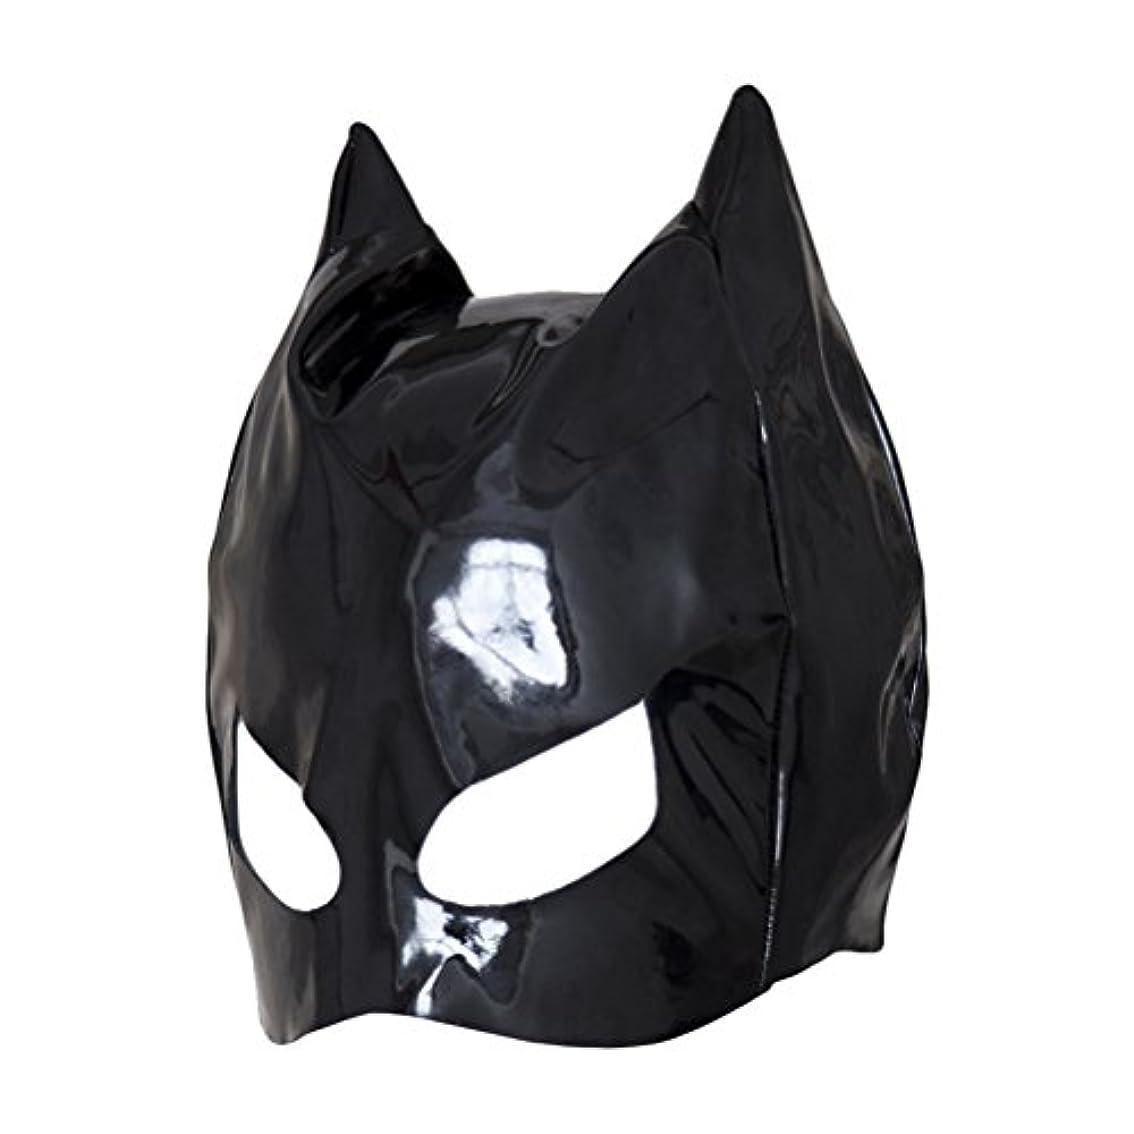 あいにく悲しむバイソンHealifty 全頭マスク フェイスカバー オープンアイズ PUレザーフード コスプレ 衣装帽子 ユニセックス (ブラック)